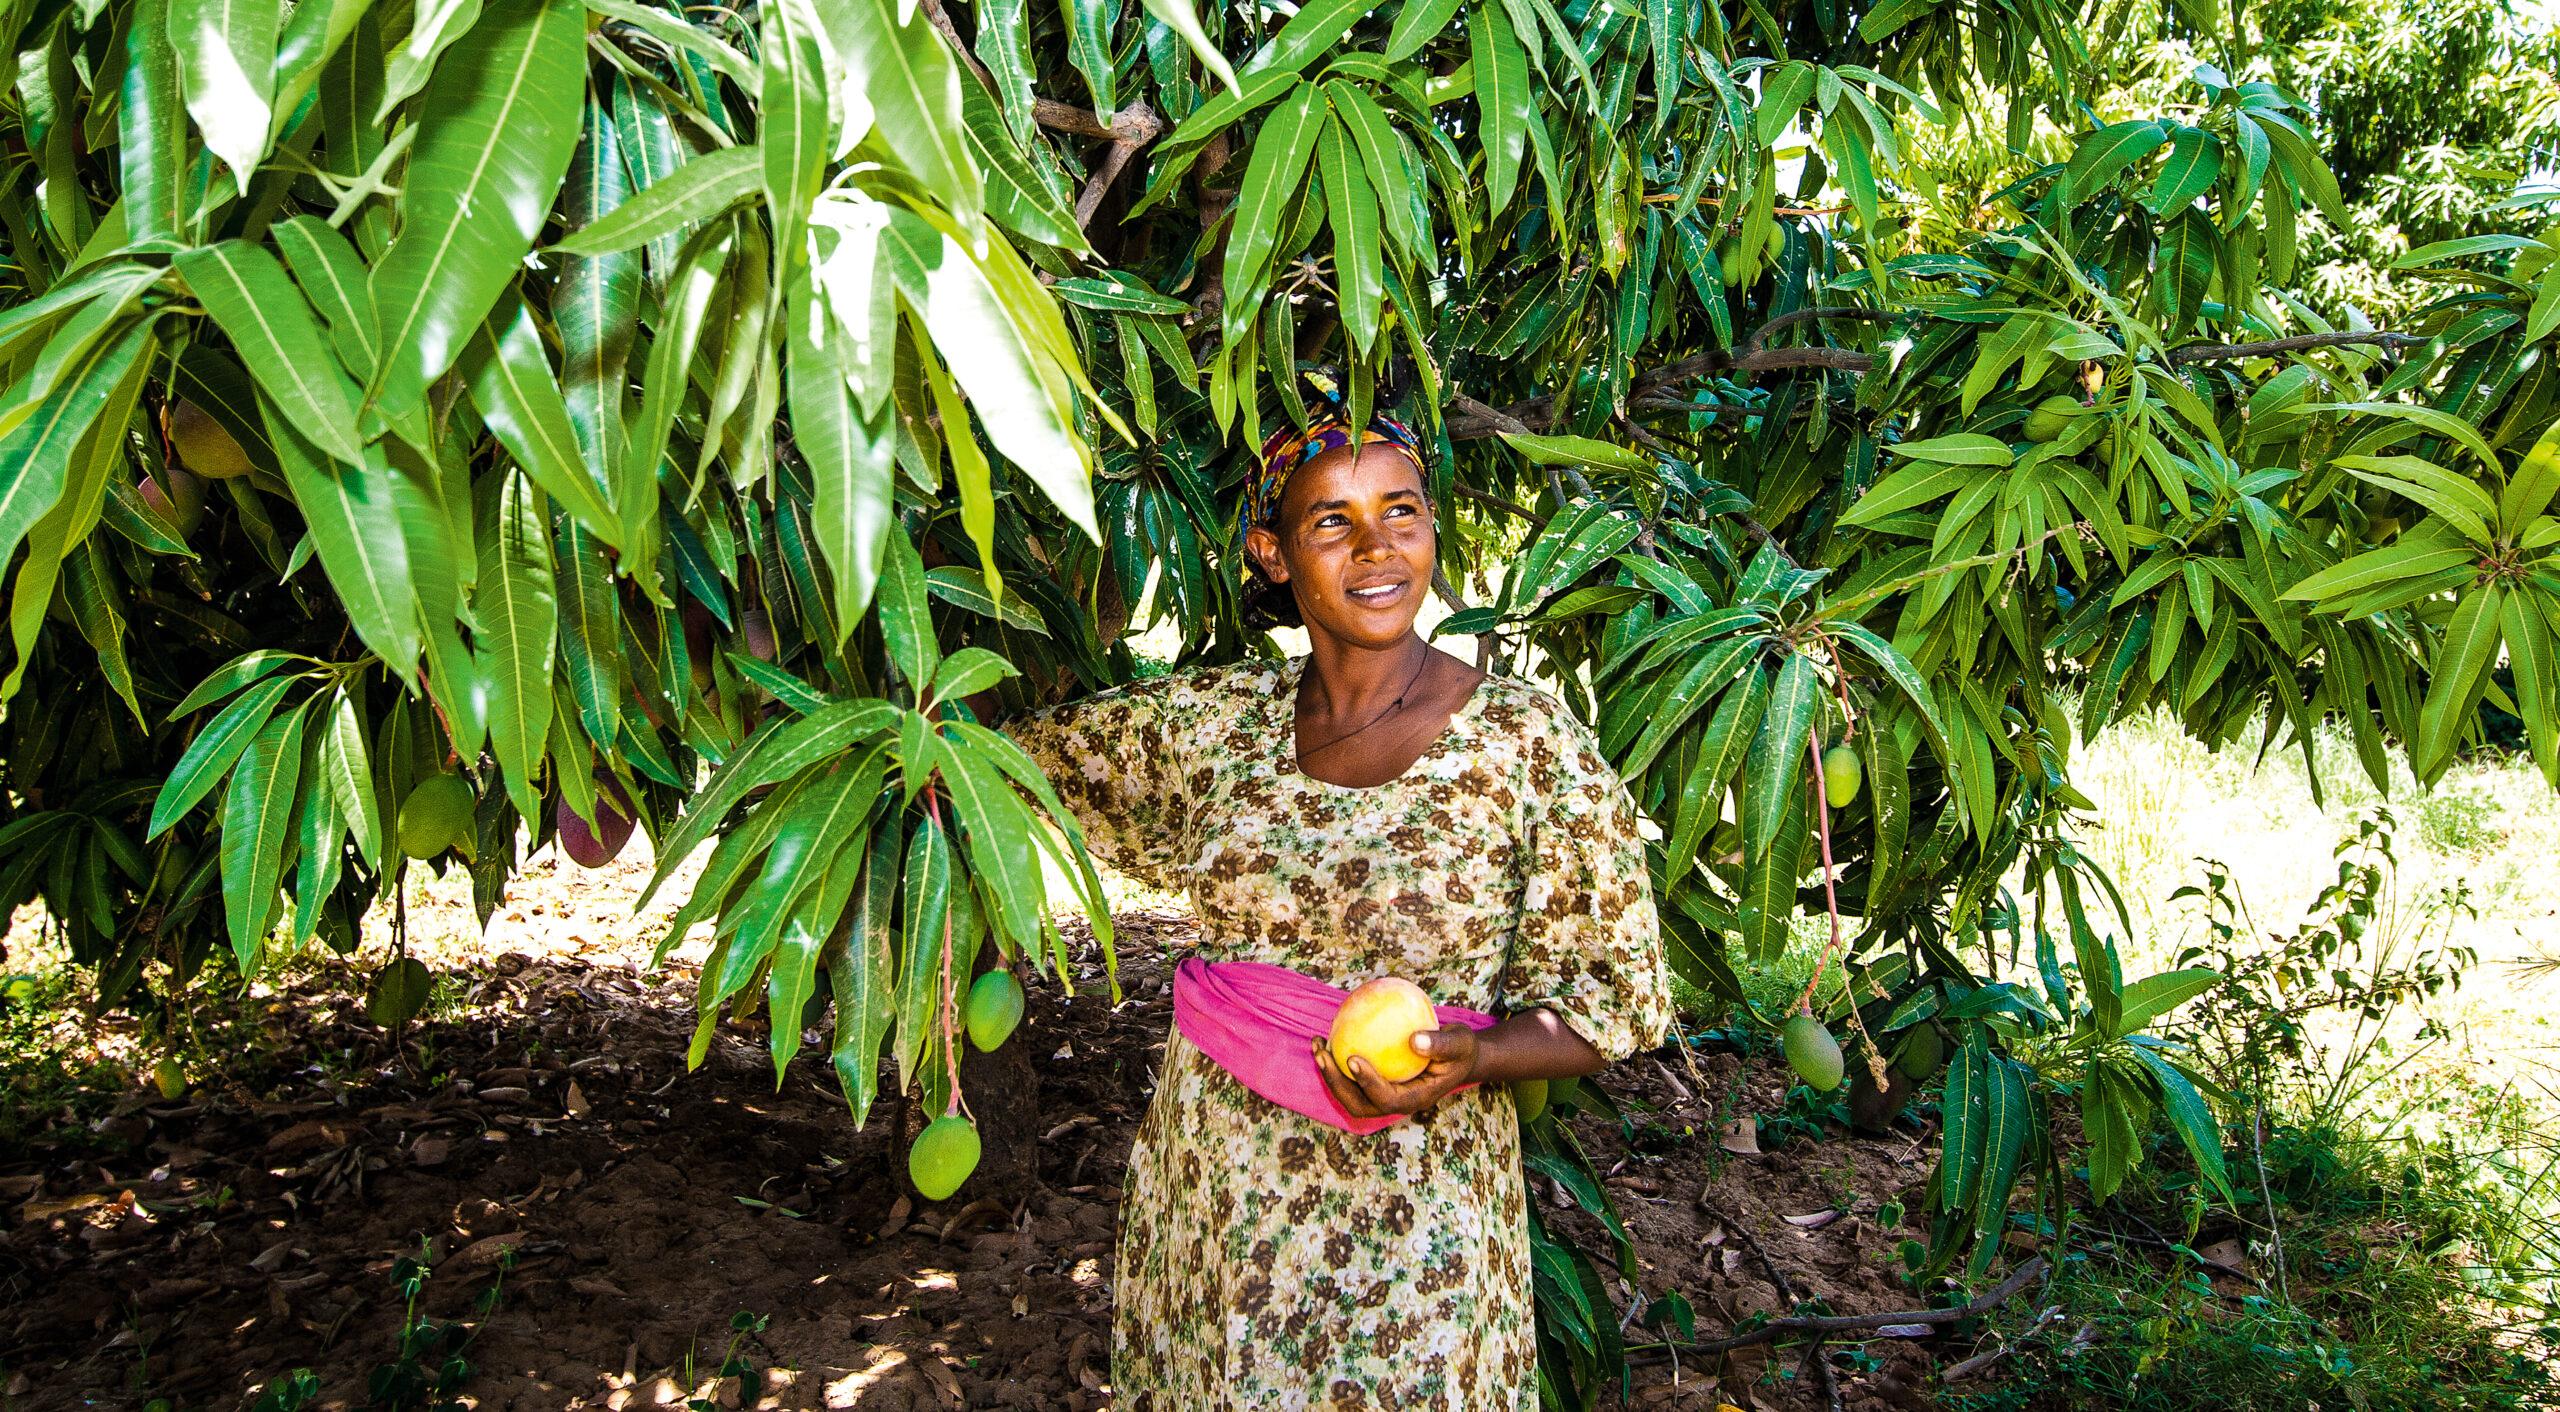 Odlaren Haregwa Gobegay har lyckats förvandla en stenig ravin i norra Etiopien till en ekologisk fruktträdgård med nära 7 000 mangoträd. Hon är en av de etiopiska småbrukare som tillsammans med vår samarbetsorganisation, Institute for Sustainable Development (ISD), lyckats vända utvecklingen i området. https://www.naturskyddsforeningen.se/nyheter/fran-stenig-ravin-till-ekologisk-frukttradgard